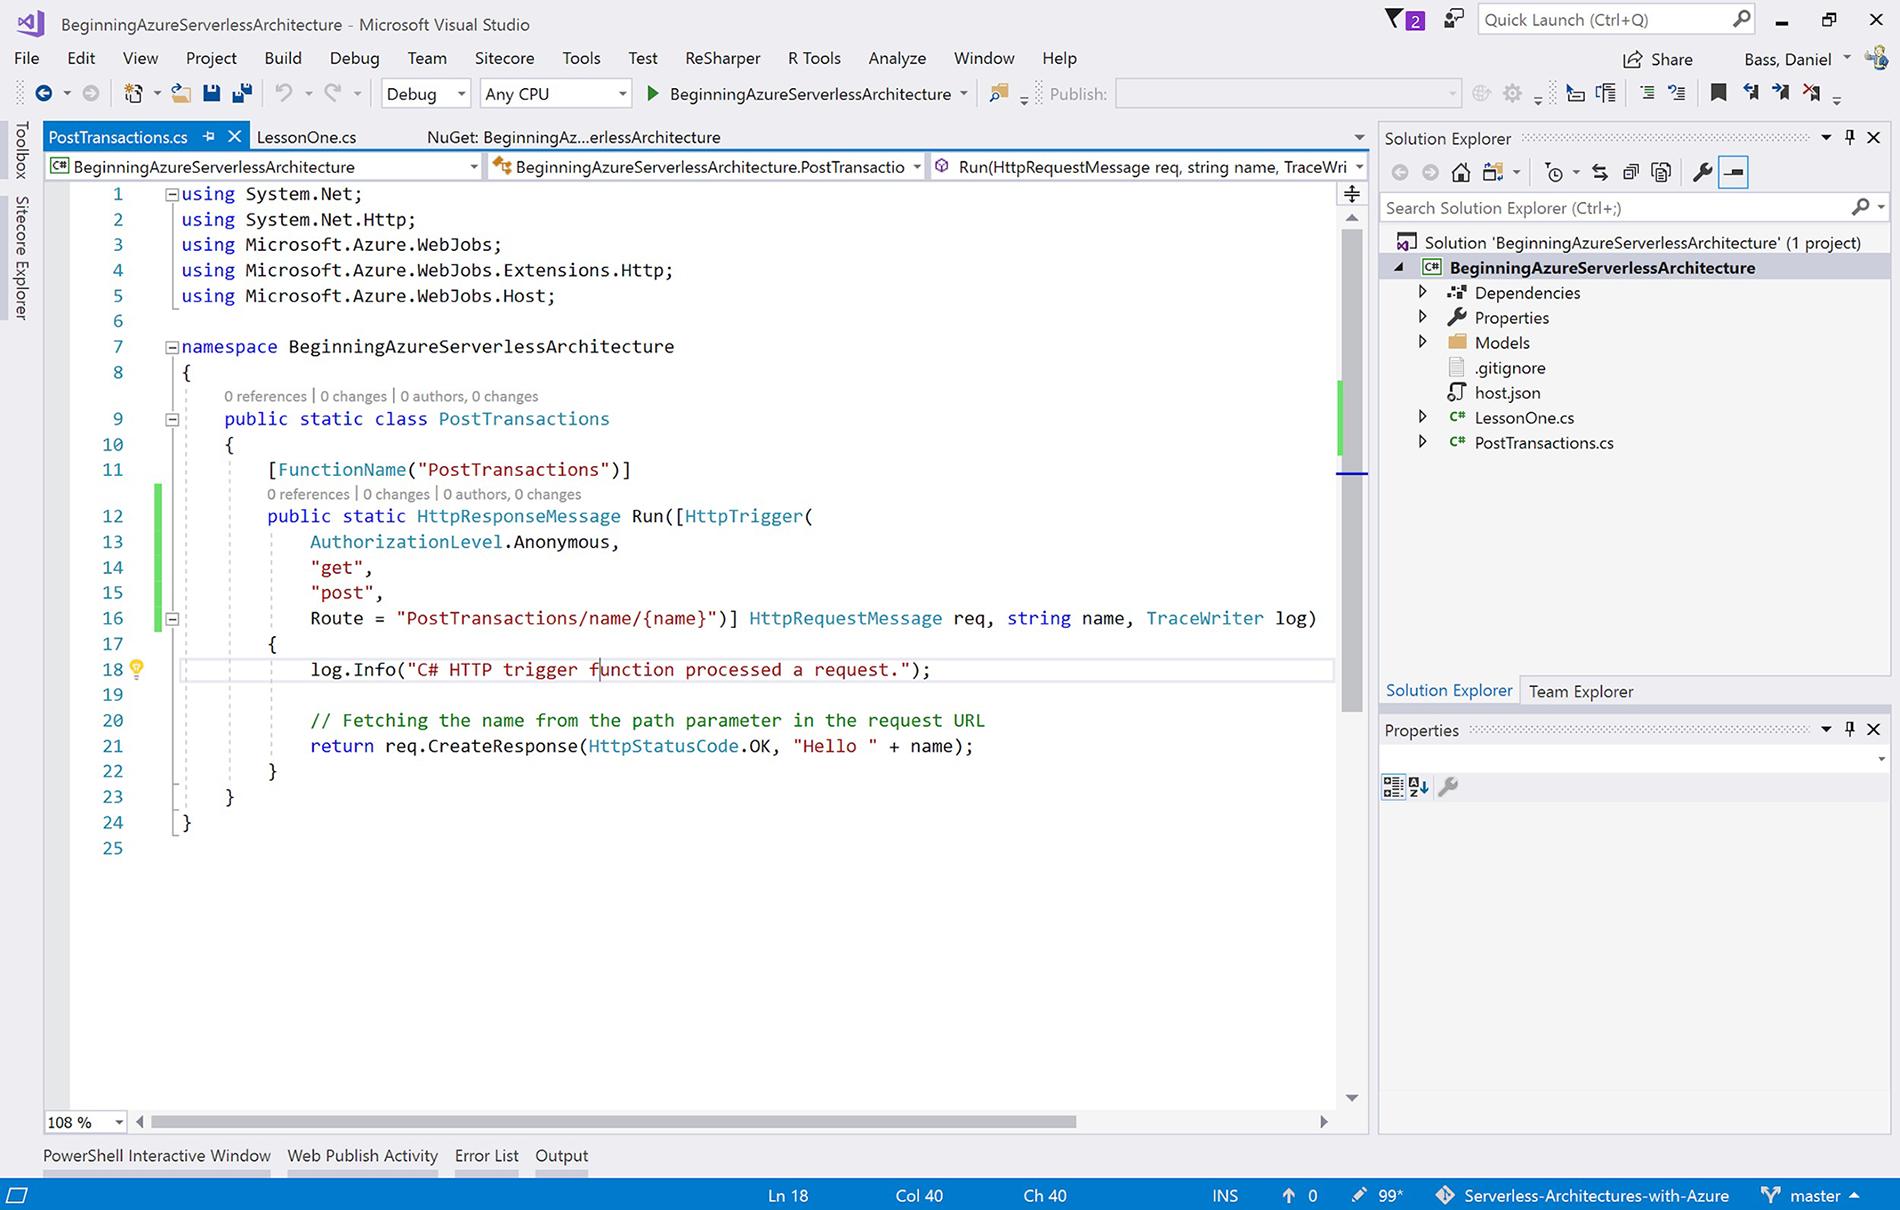 Creating, Debugging, and Deploying an Azure Function - Beginning